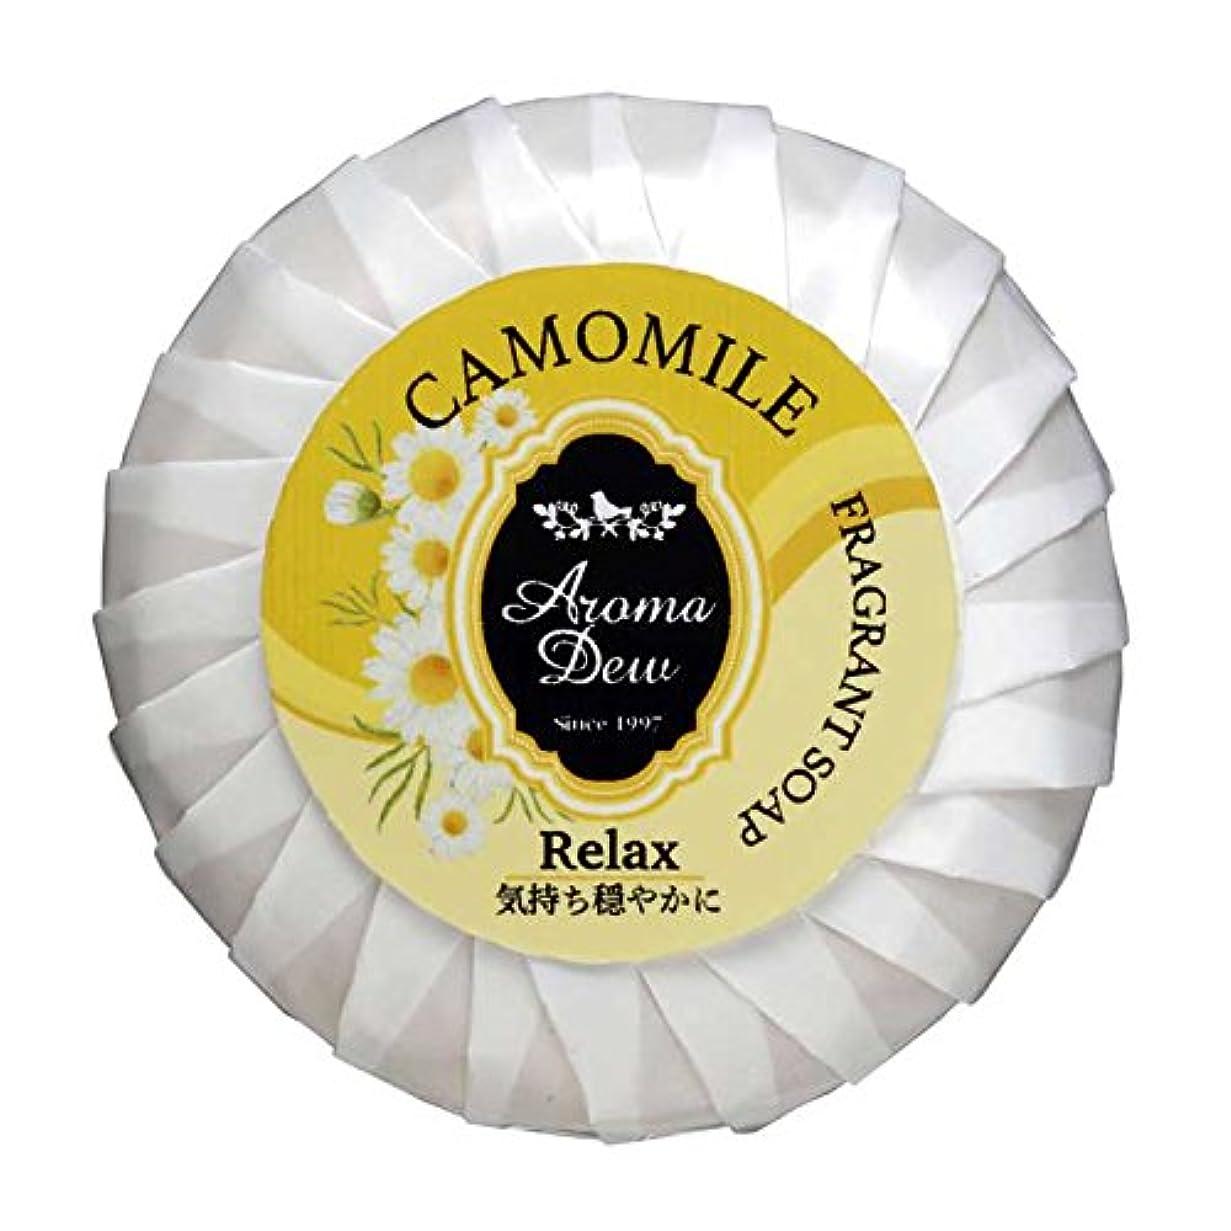 できた感じるセッティングアロマデュウ フレグラントソープ カモミールの香り 100g